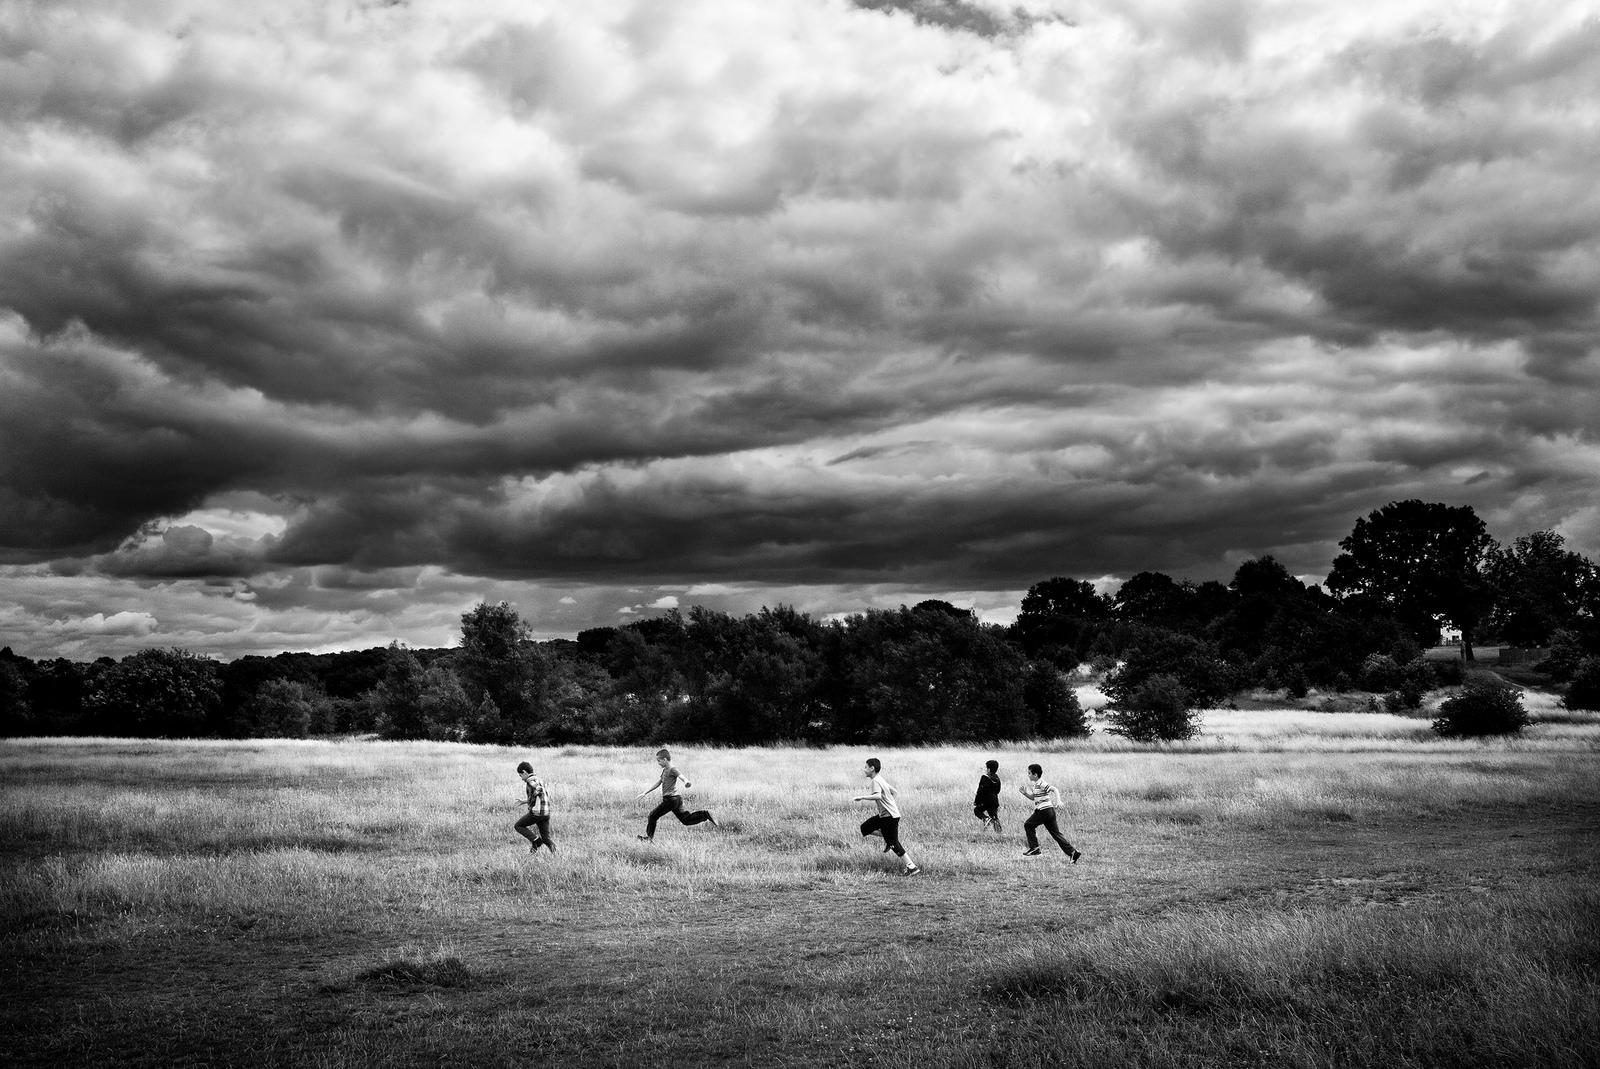 loneliness-in-london-alan-schaller-15